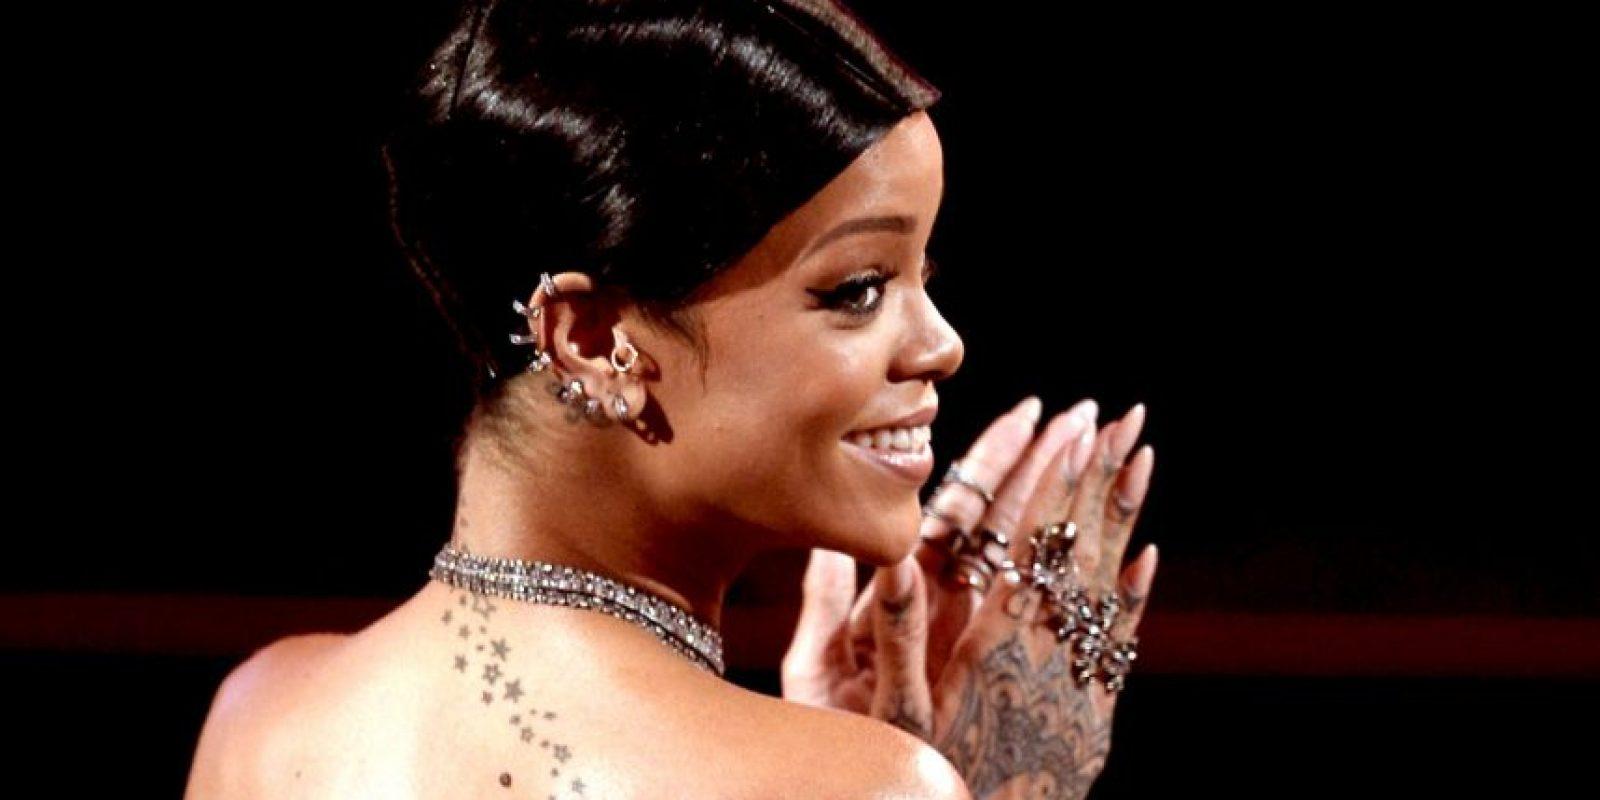 """En su entrevista, Rihanna bromea sobre la dificultad de mantenerse delgada. Y cuando le preguntan cómo sería un día perfecto respondió: """"El día que me despierte sin celulitis"""". Foto:Getty Images"""